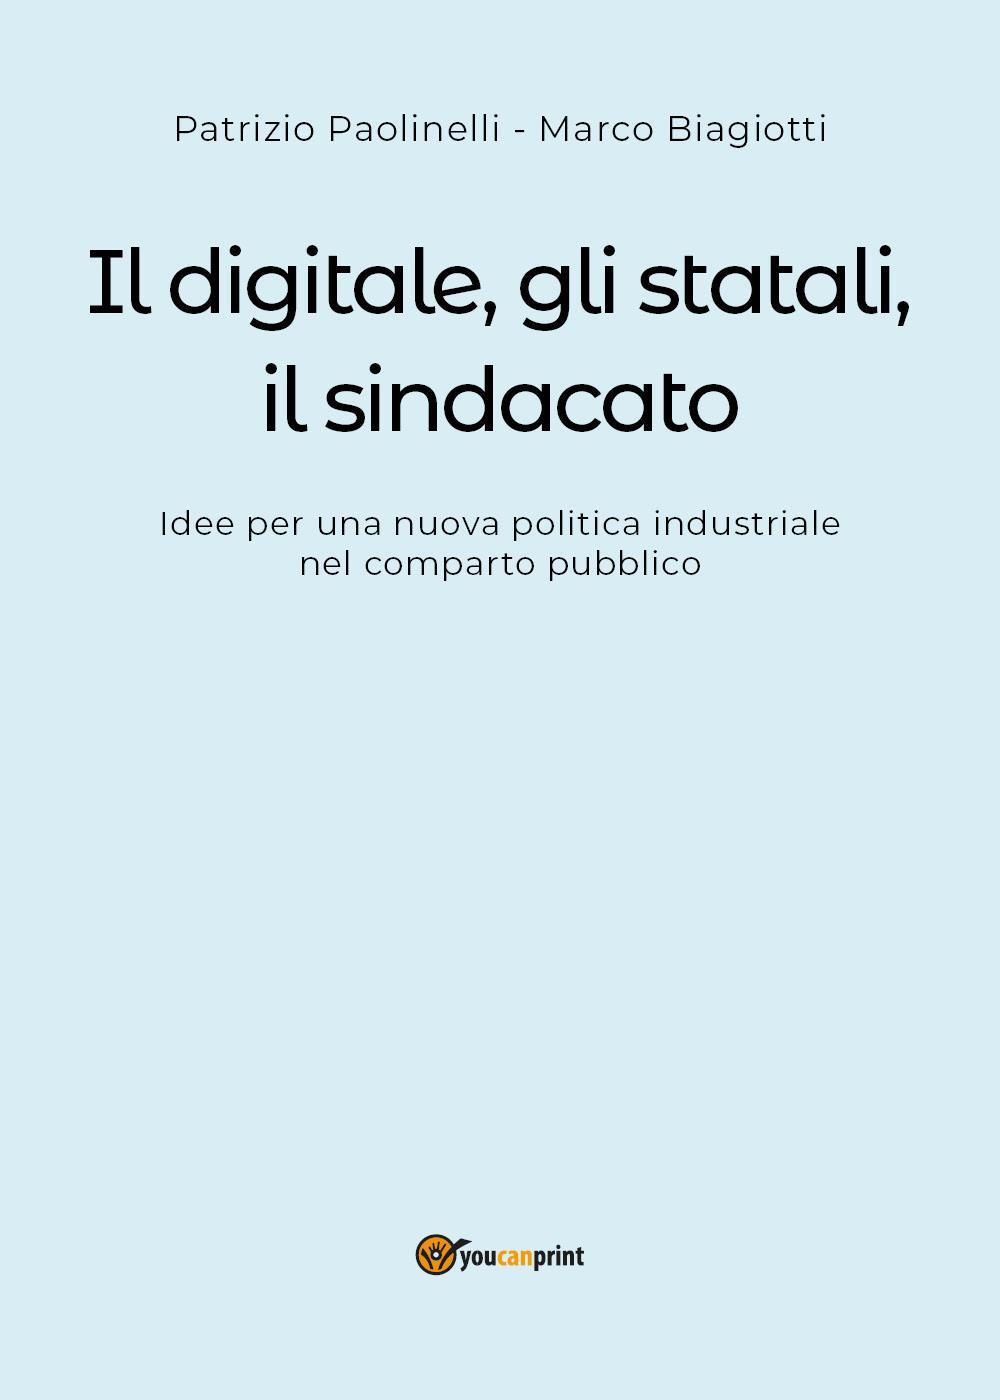 Il digitale, gli statali, il sindacato. Idee per una nuova politica industriale nel comparto pubblico